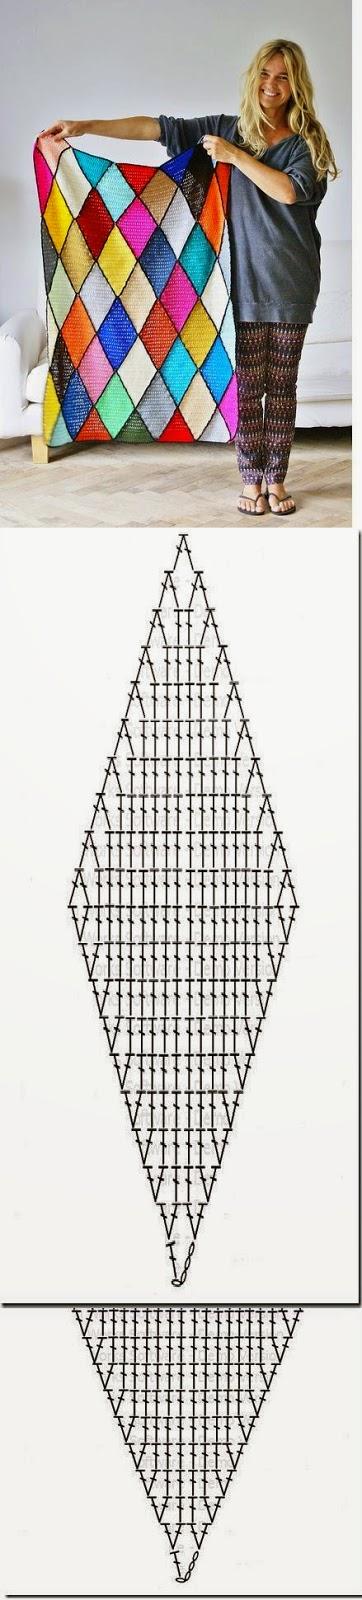 Patrones de Hermoso diseño con rombos para tejer al crochet